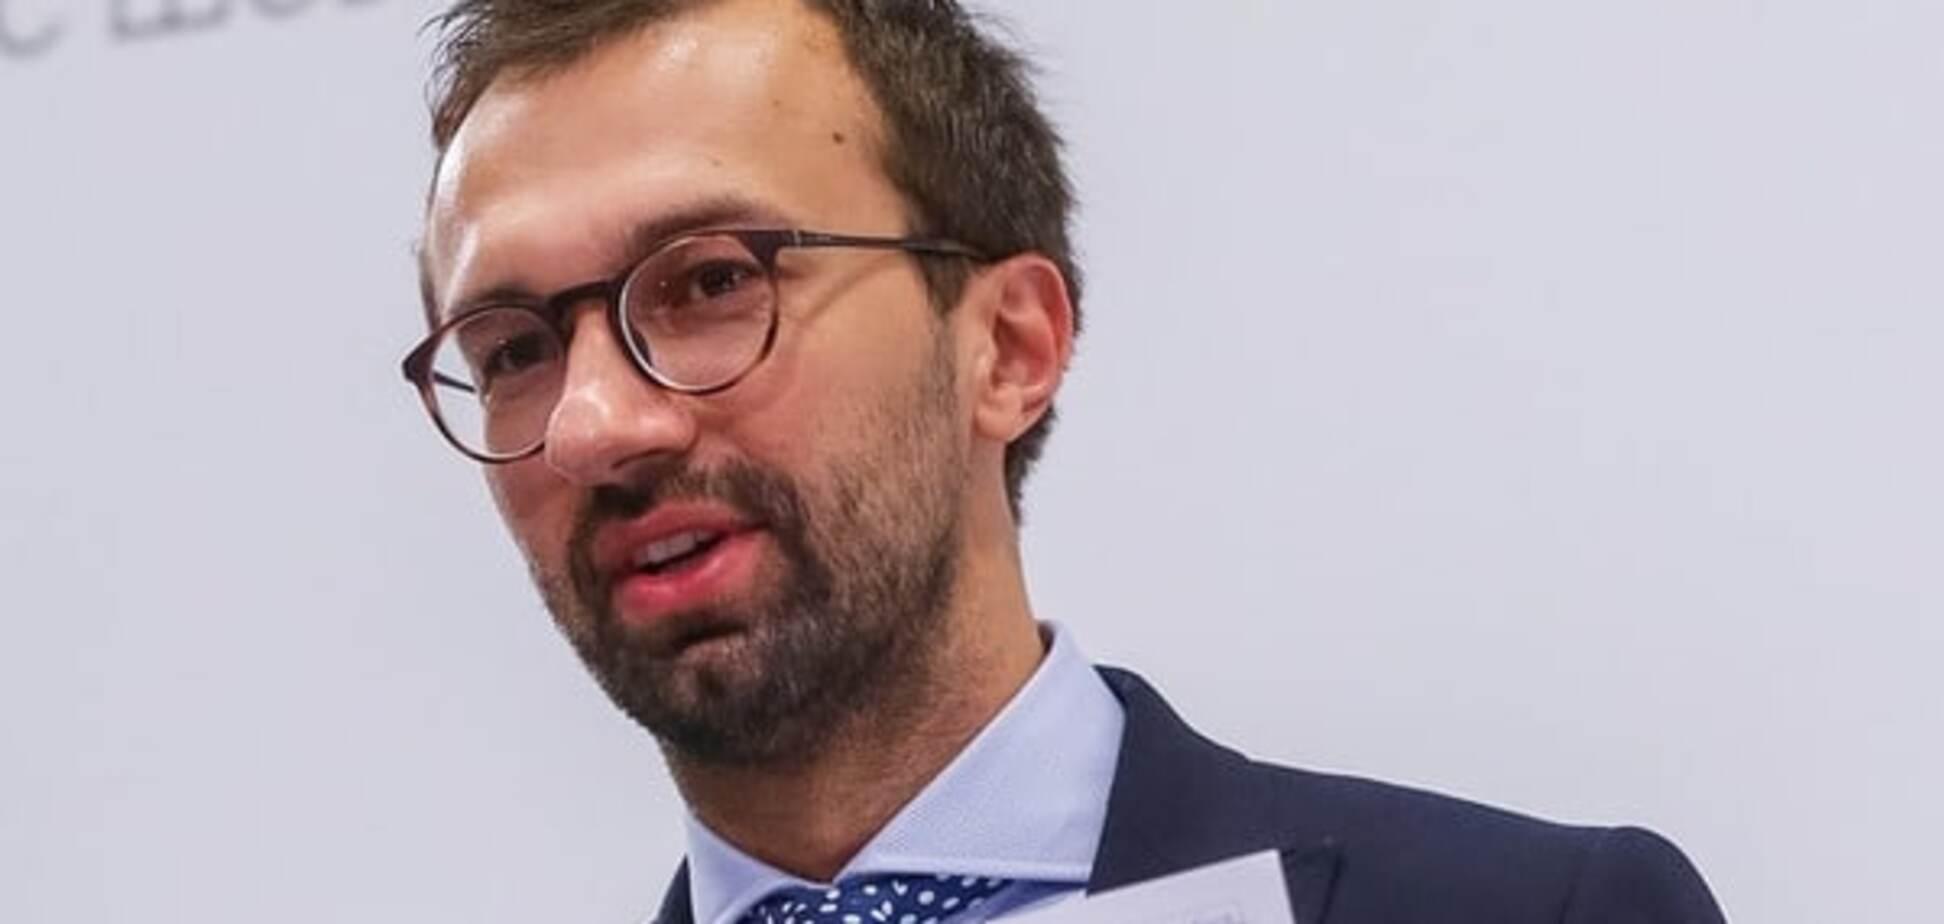 Політолог пояснив, як Лещенко відволікає увагу від скандалу з квартирою